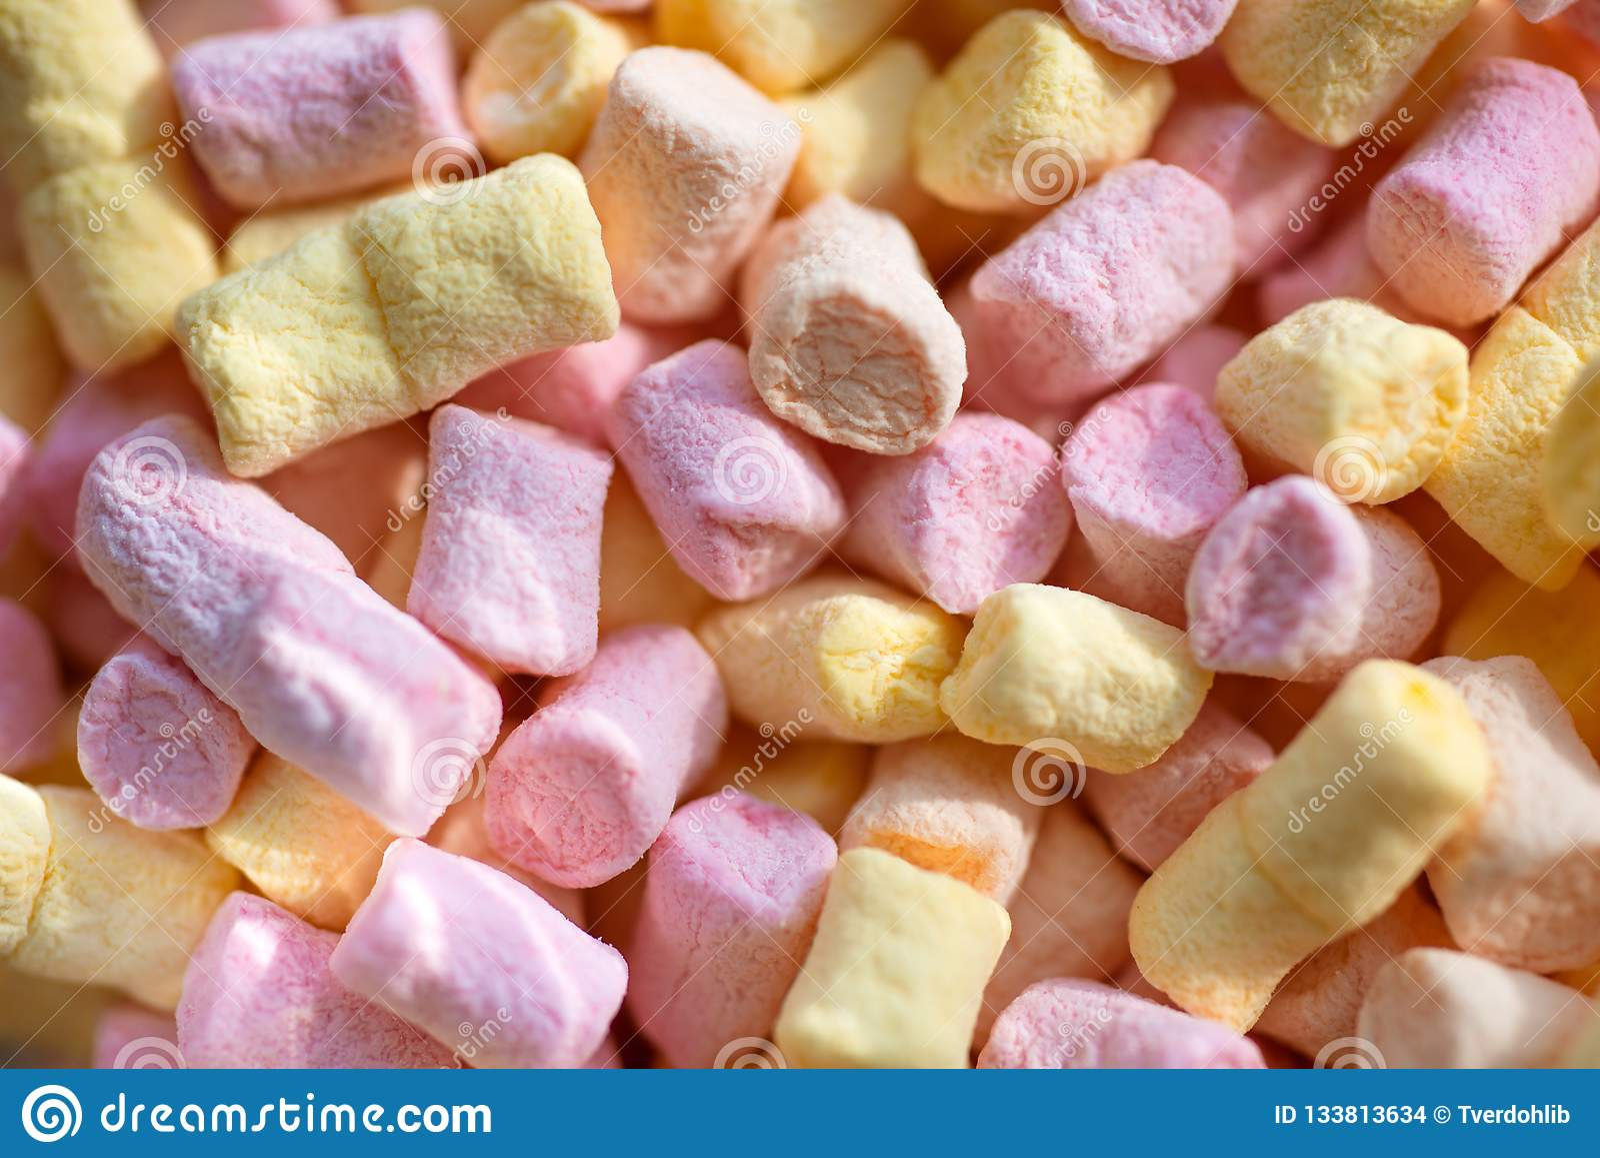 Doux et caoutchouteux Casse-croûte doux Mini fond ou texture coloré de guimauve Soufflé de guimauve avec la saveur douce